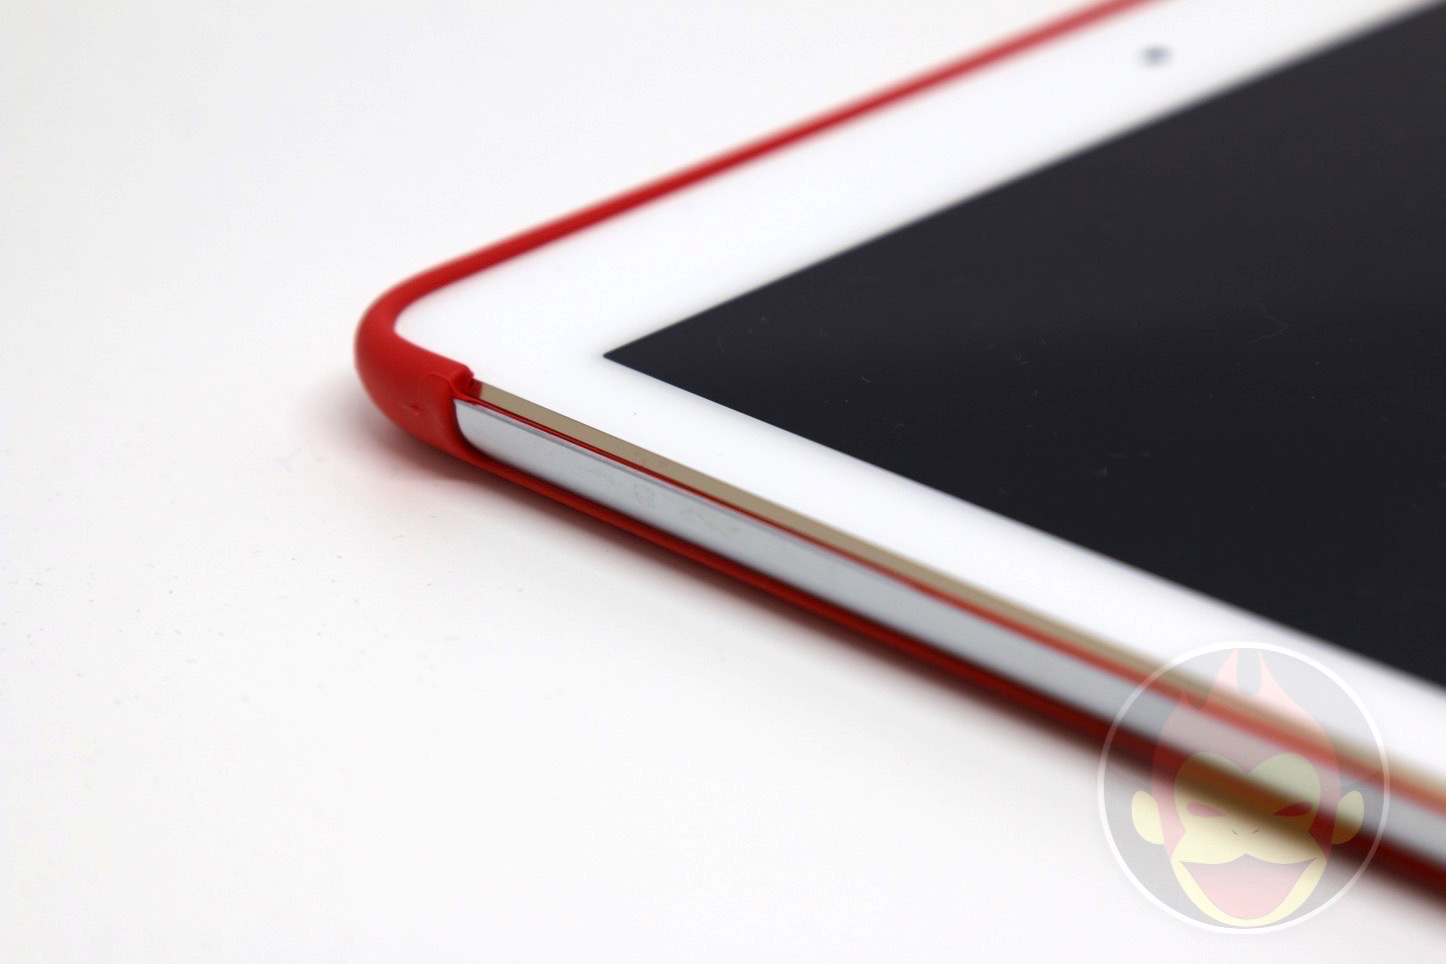 AndMesh-Mesh-Case-for-iPad-Air-2-05.JPG